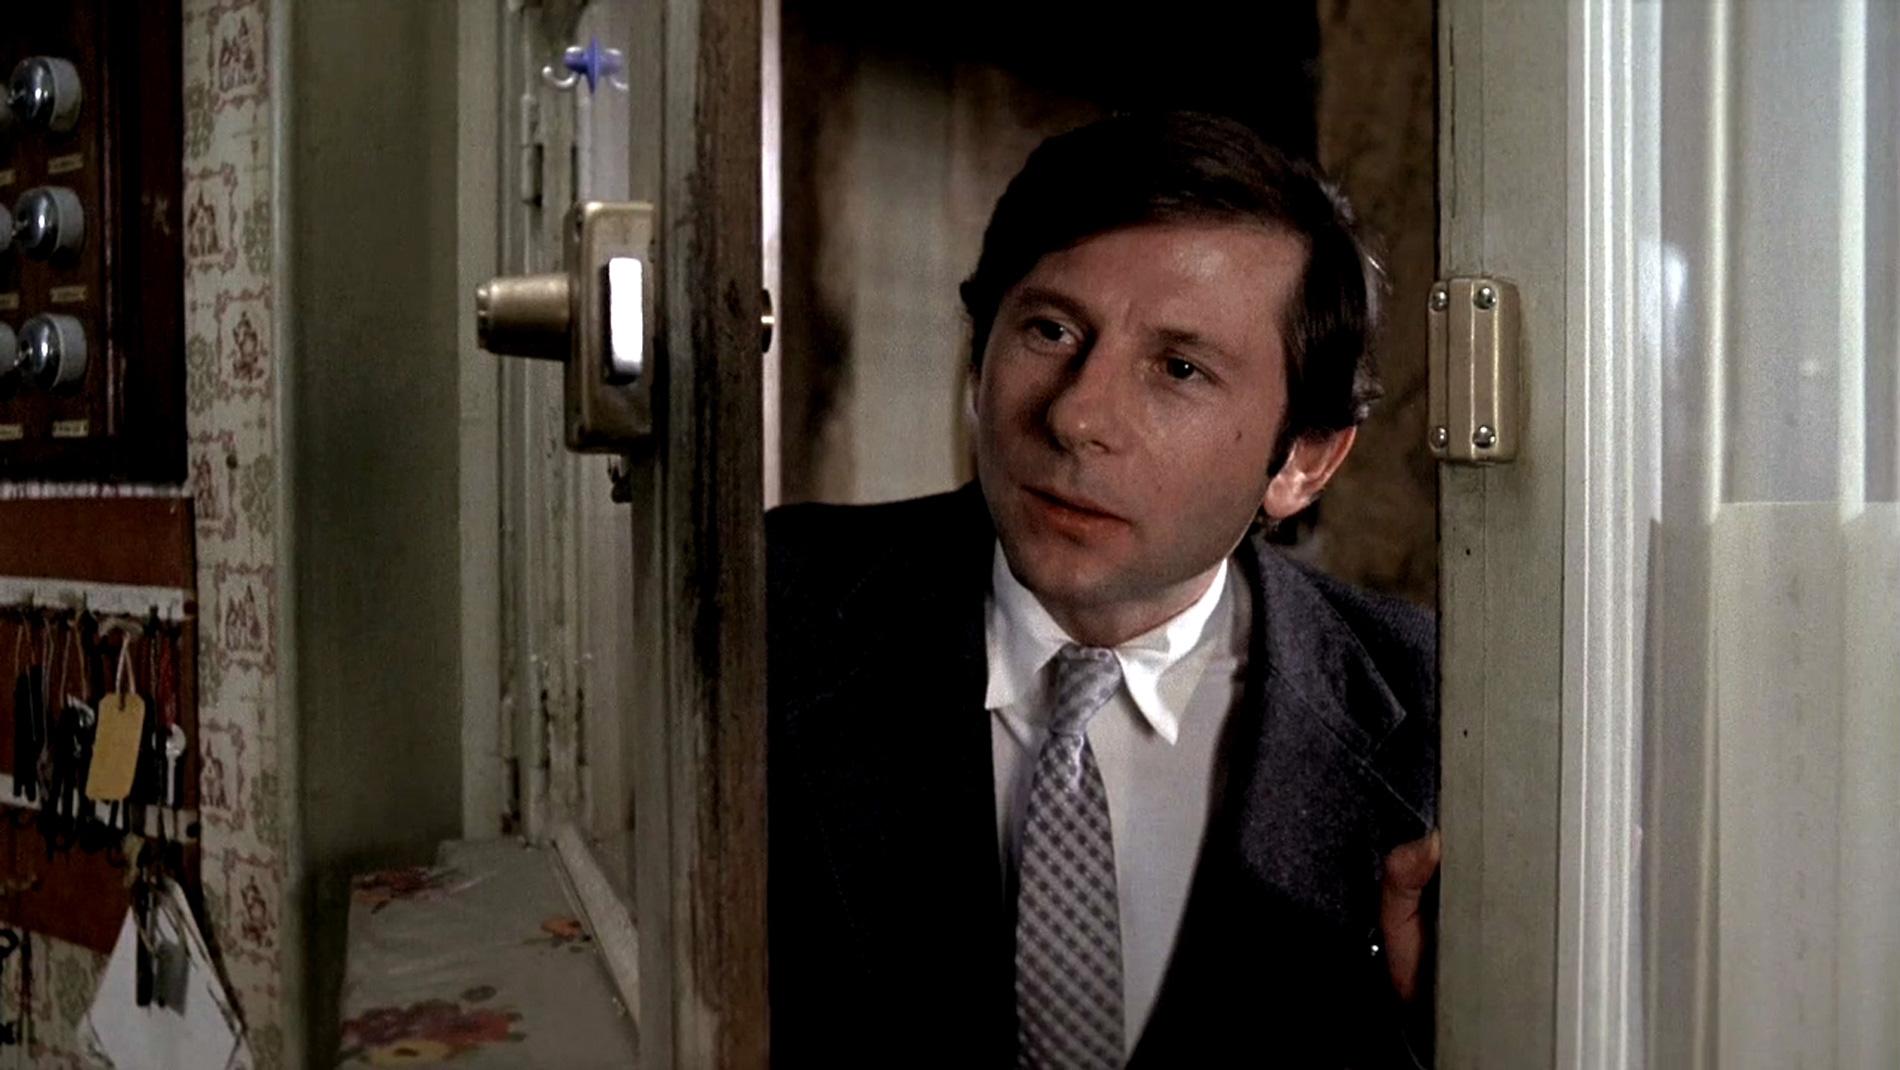 L'INQUILINO DEL TERZO PIANO di Polanski – #CultMovieNight